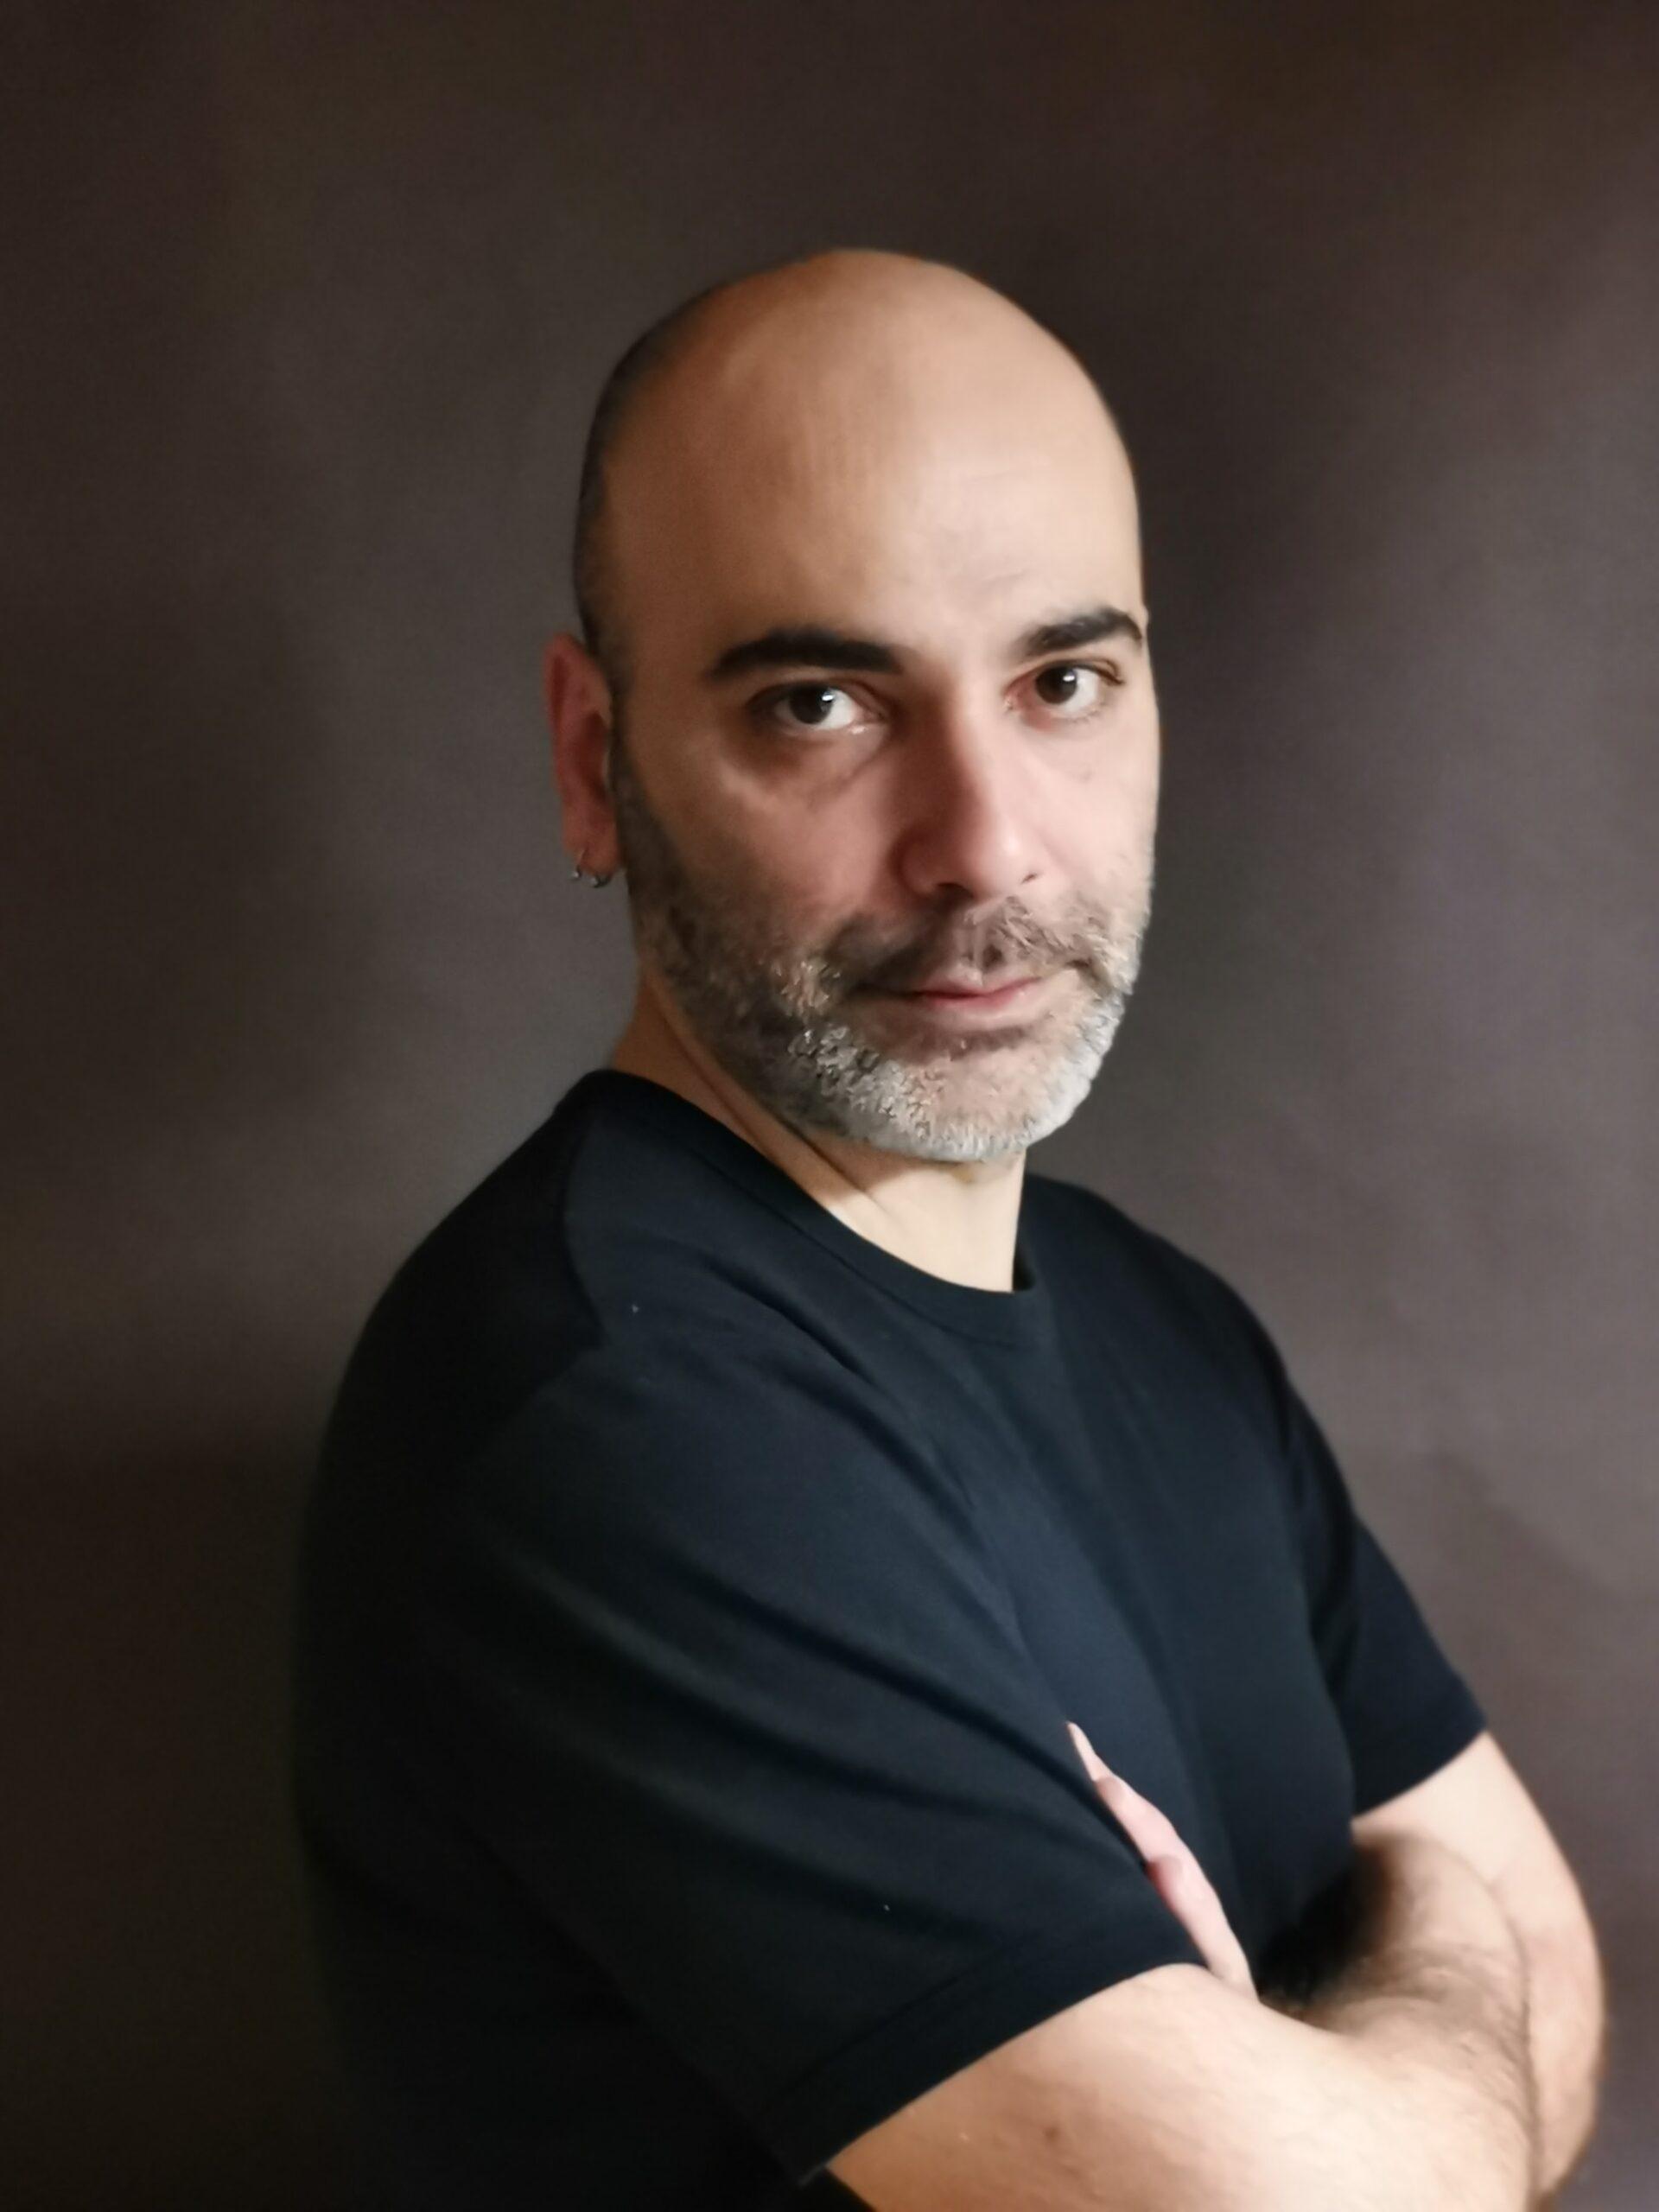 Emanuele Scuotto | Mundus Novus